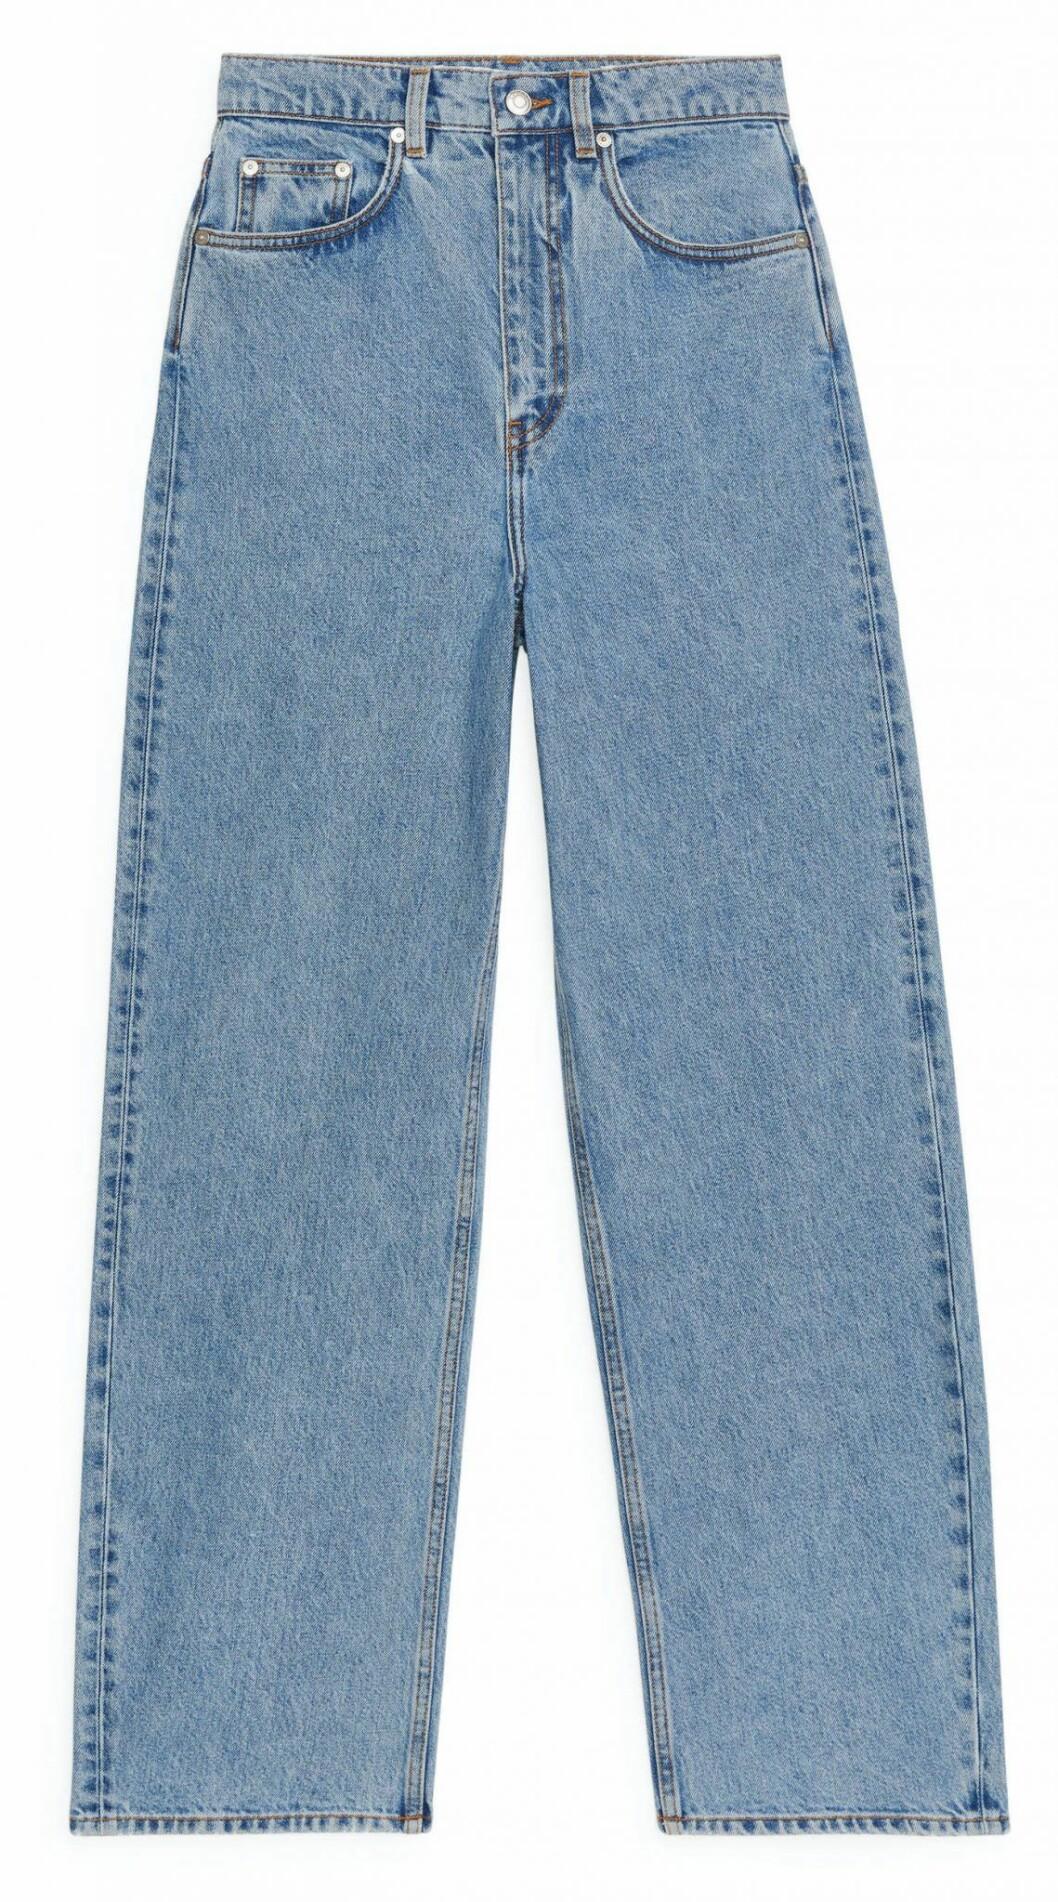 Jeans i ljusblå tvätt och hög midja från Arket